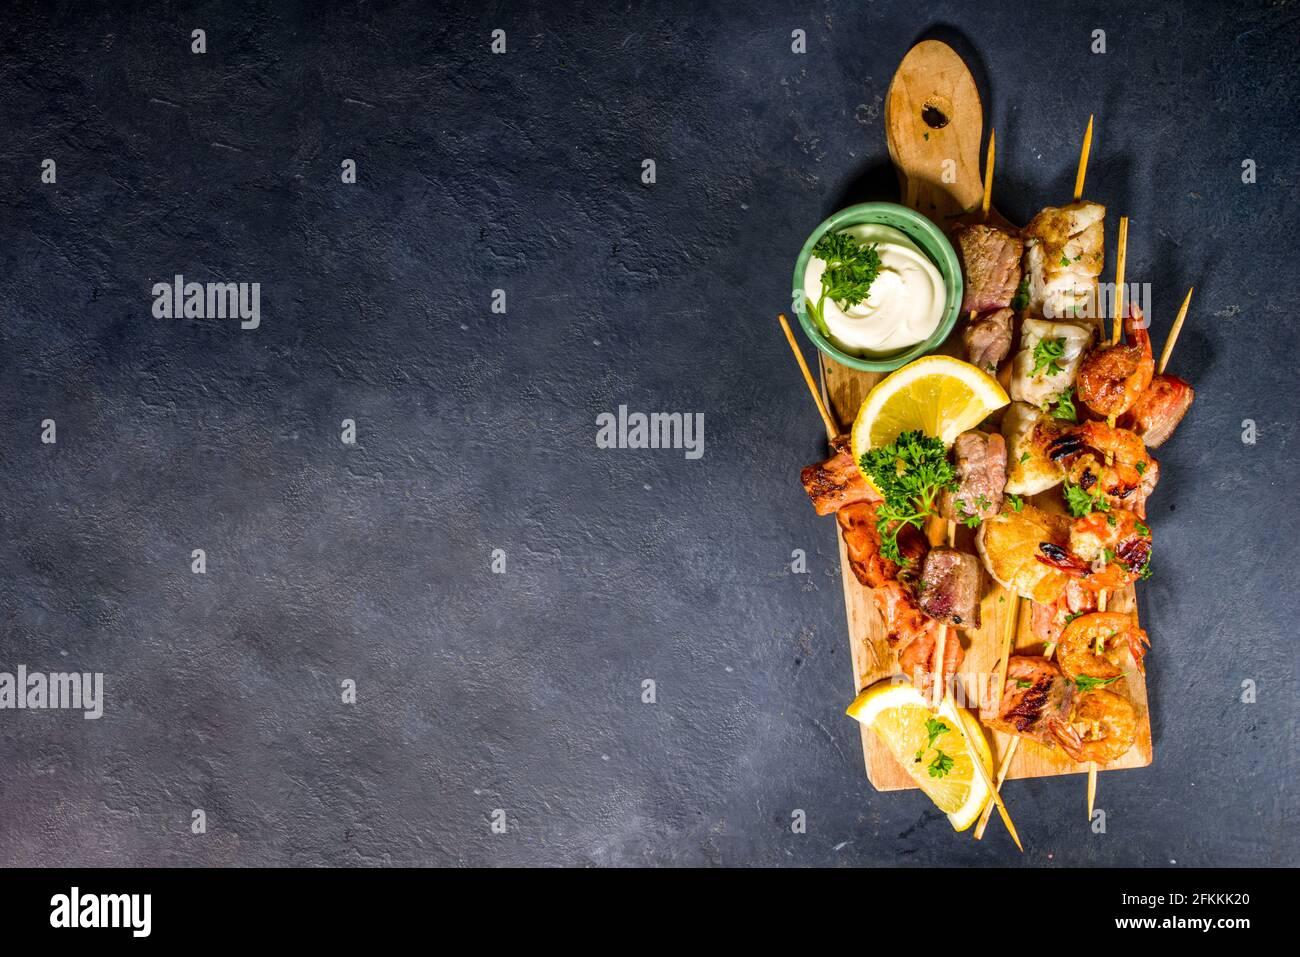 Surtido de varios alimentos barbacoa mediterránea parrilla - pescado, camarones, cangrejo, mejillones, kebabs con salsas, fondo de hormigón negro, sobre el espacio de copia Foto de stock